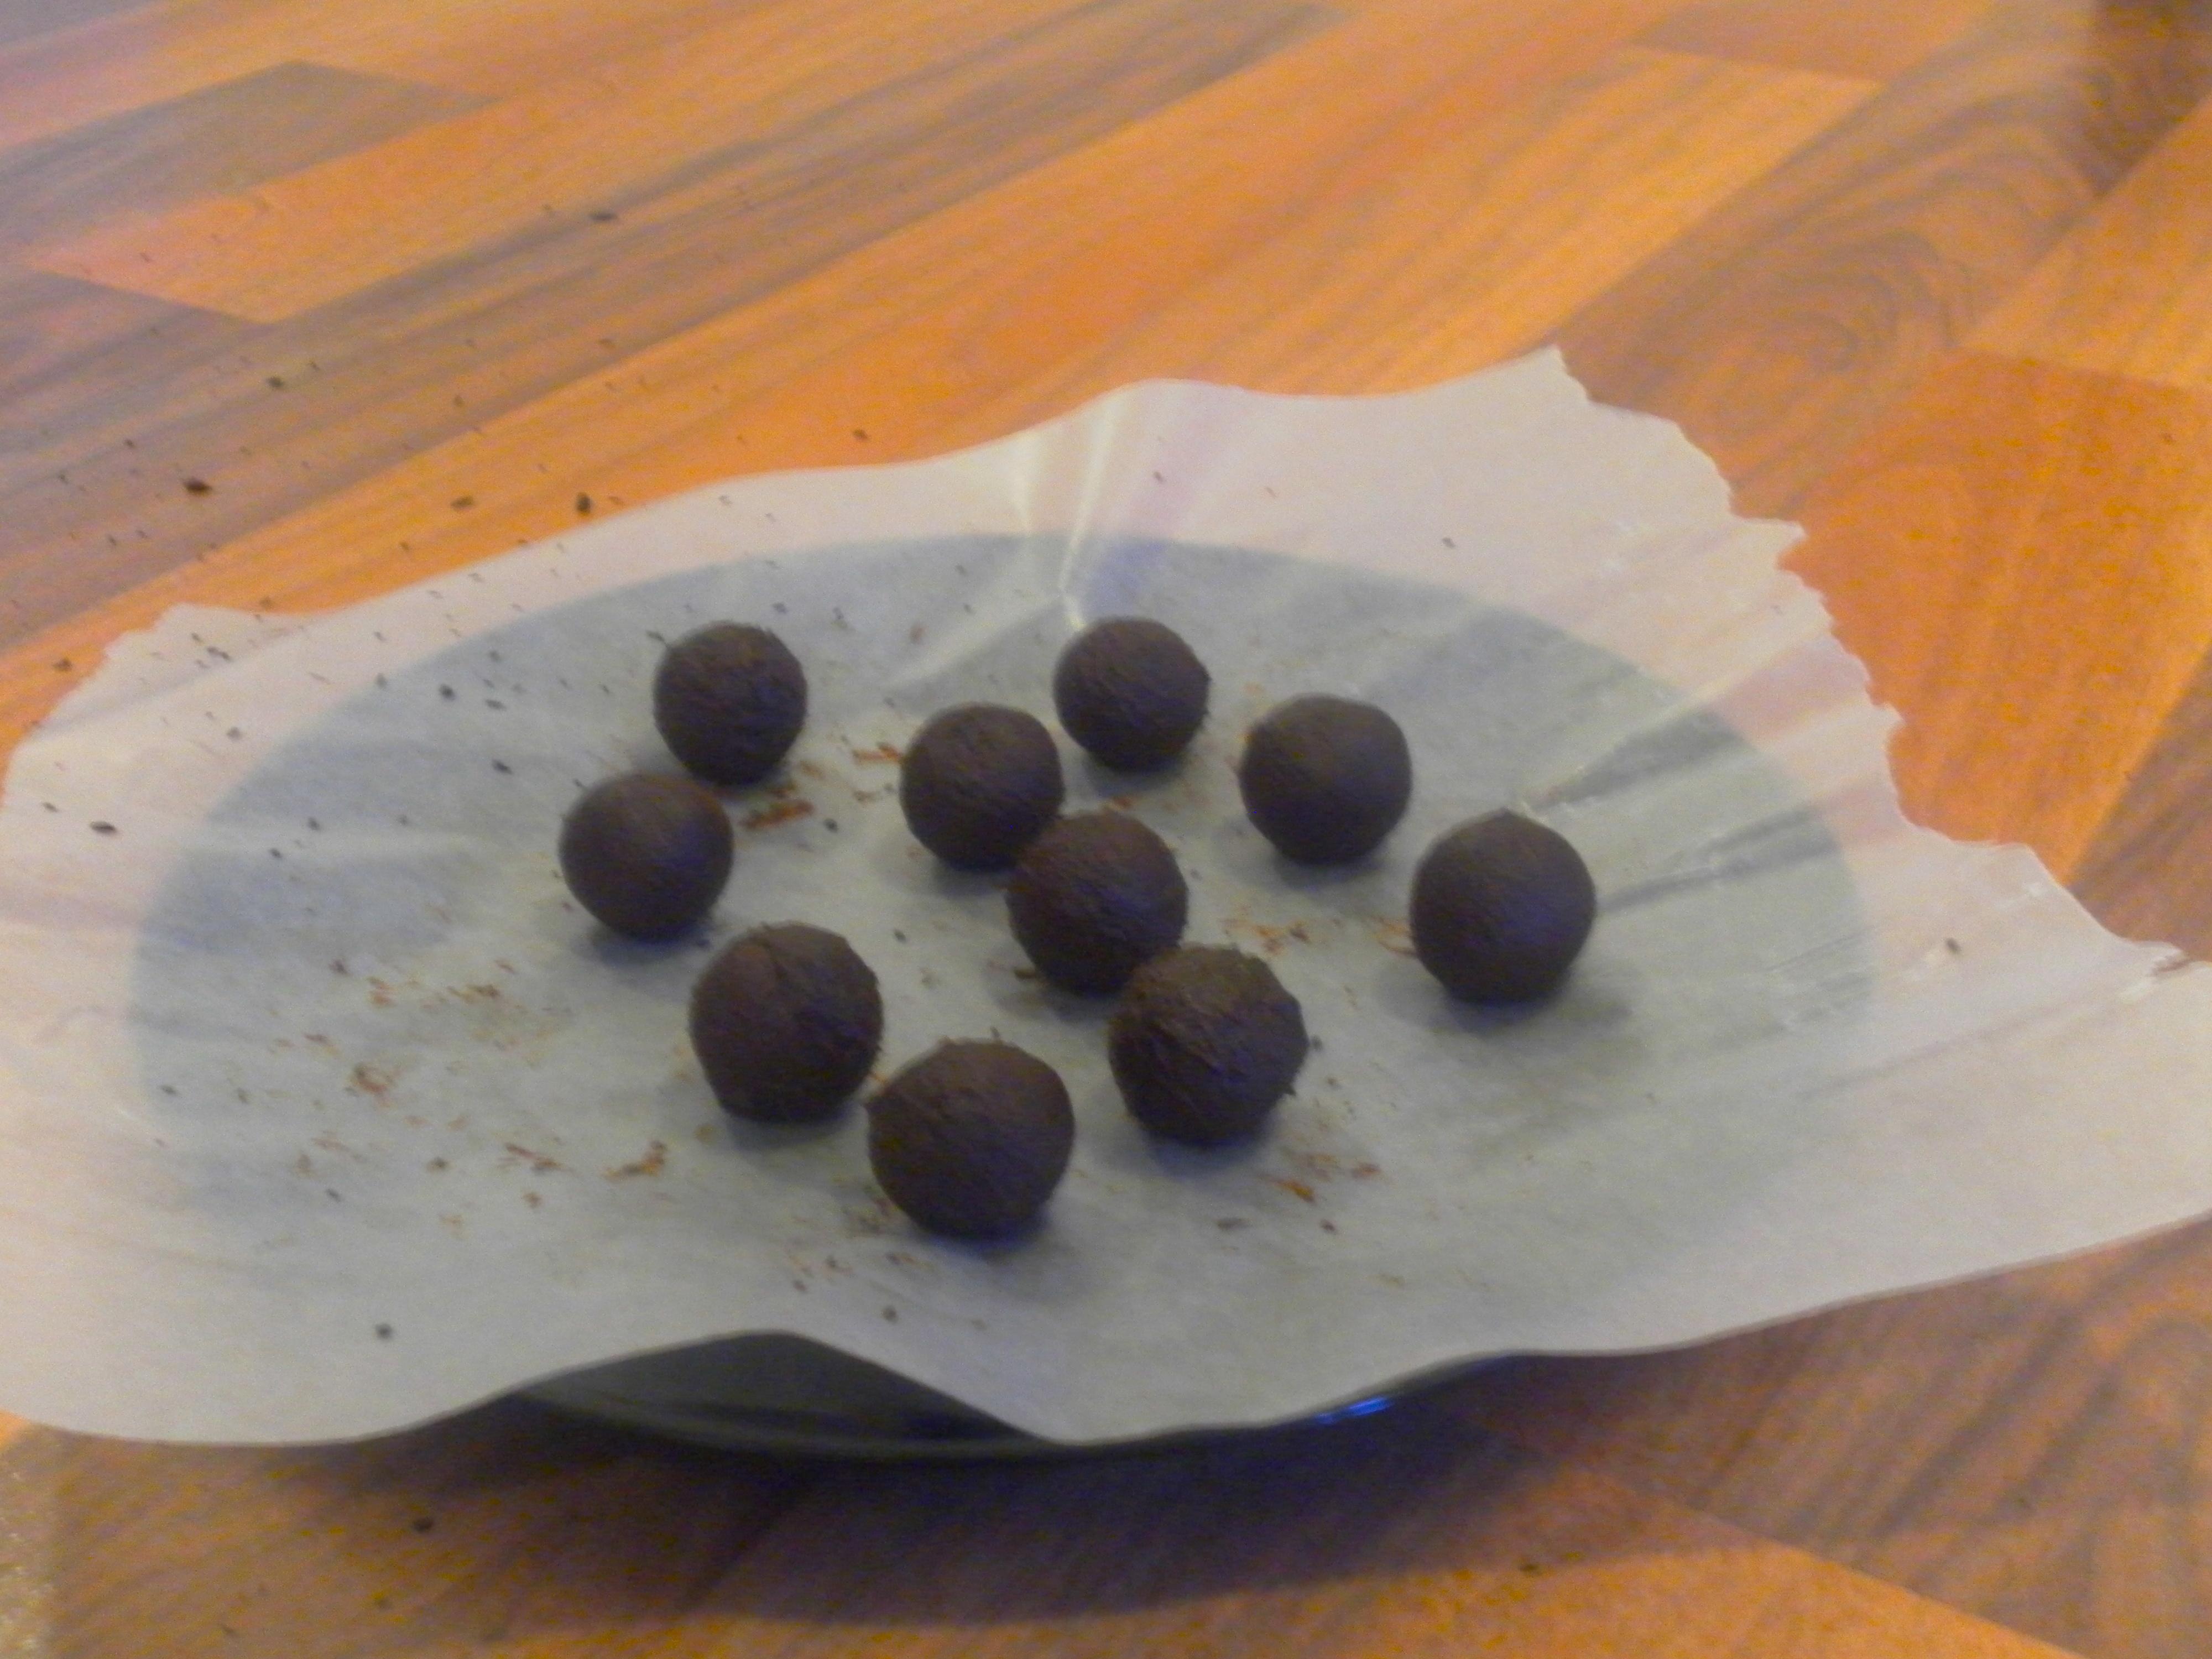 Shaping chocolate truffles